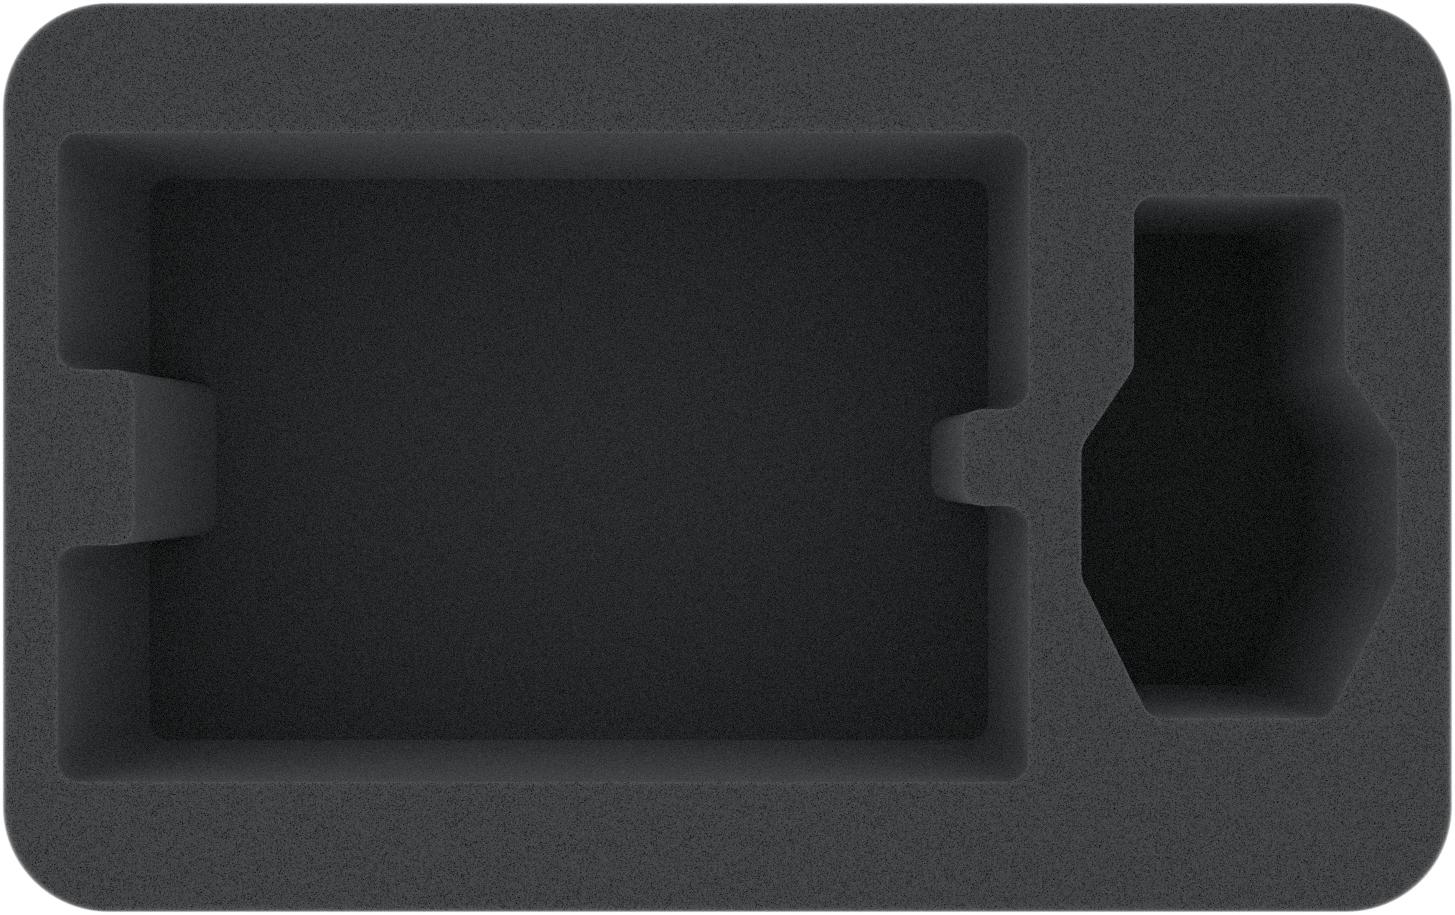 HSMEGC090BO foam tray for Primaris Repulsor